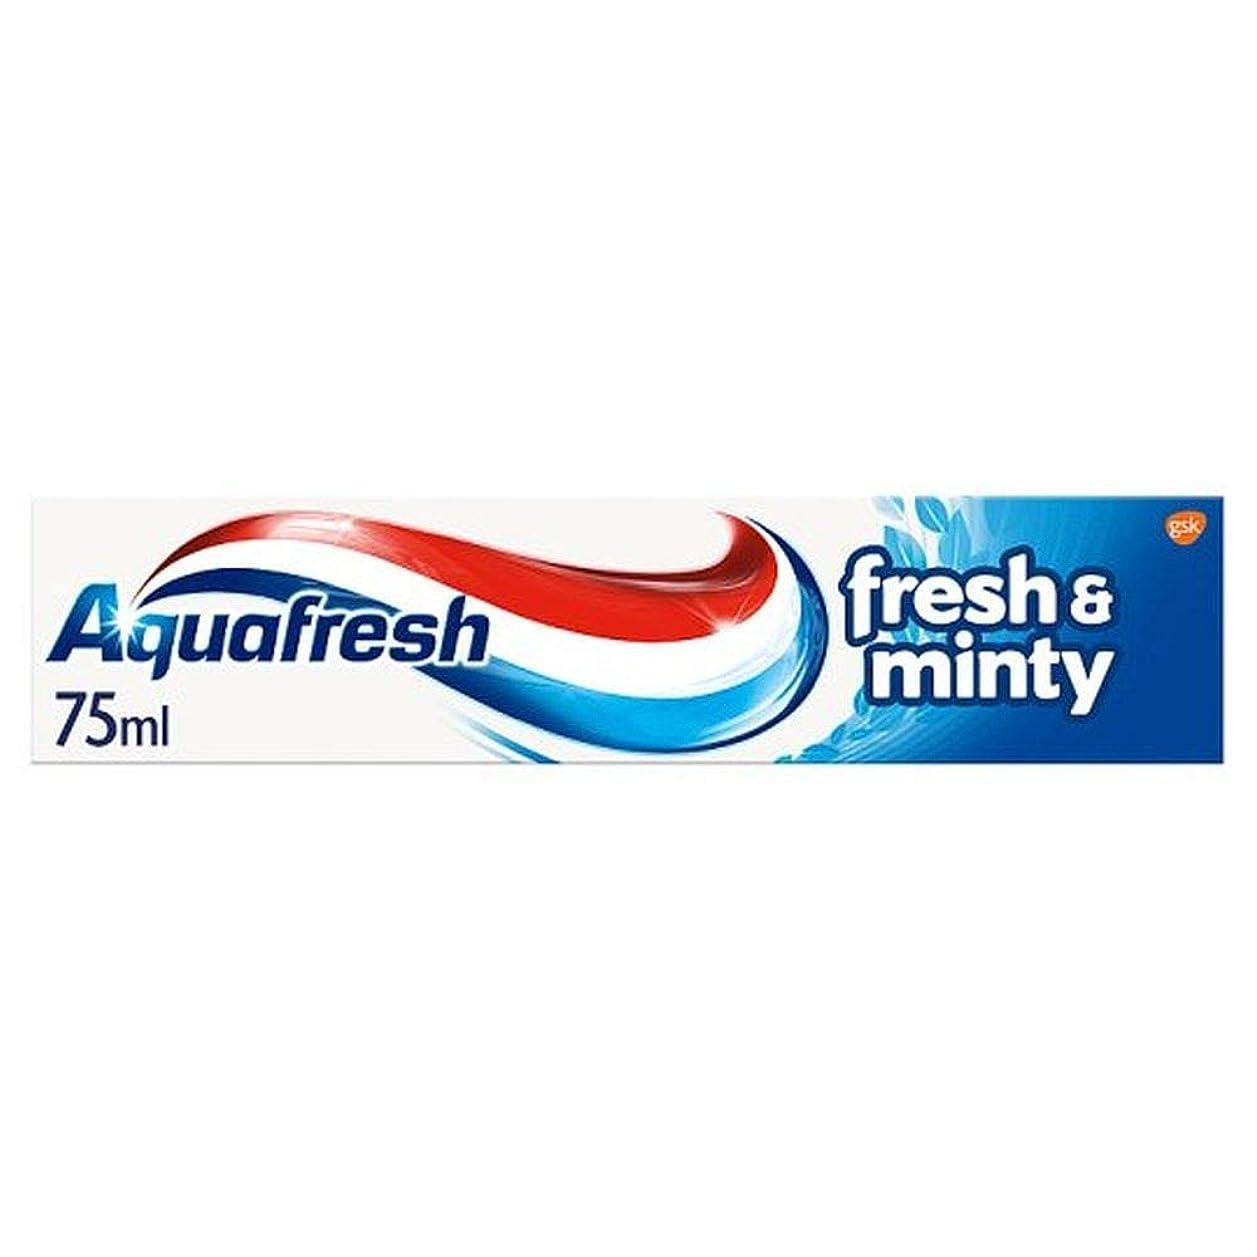 批判的に寄生虫一握り[Aquafresh ] アクアフレッシュFreshmint歯磨き粉75ミリリットル - Aquafresh Freshmint Toothpaste 75Ml [並行輸入品]